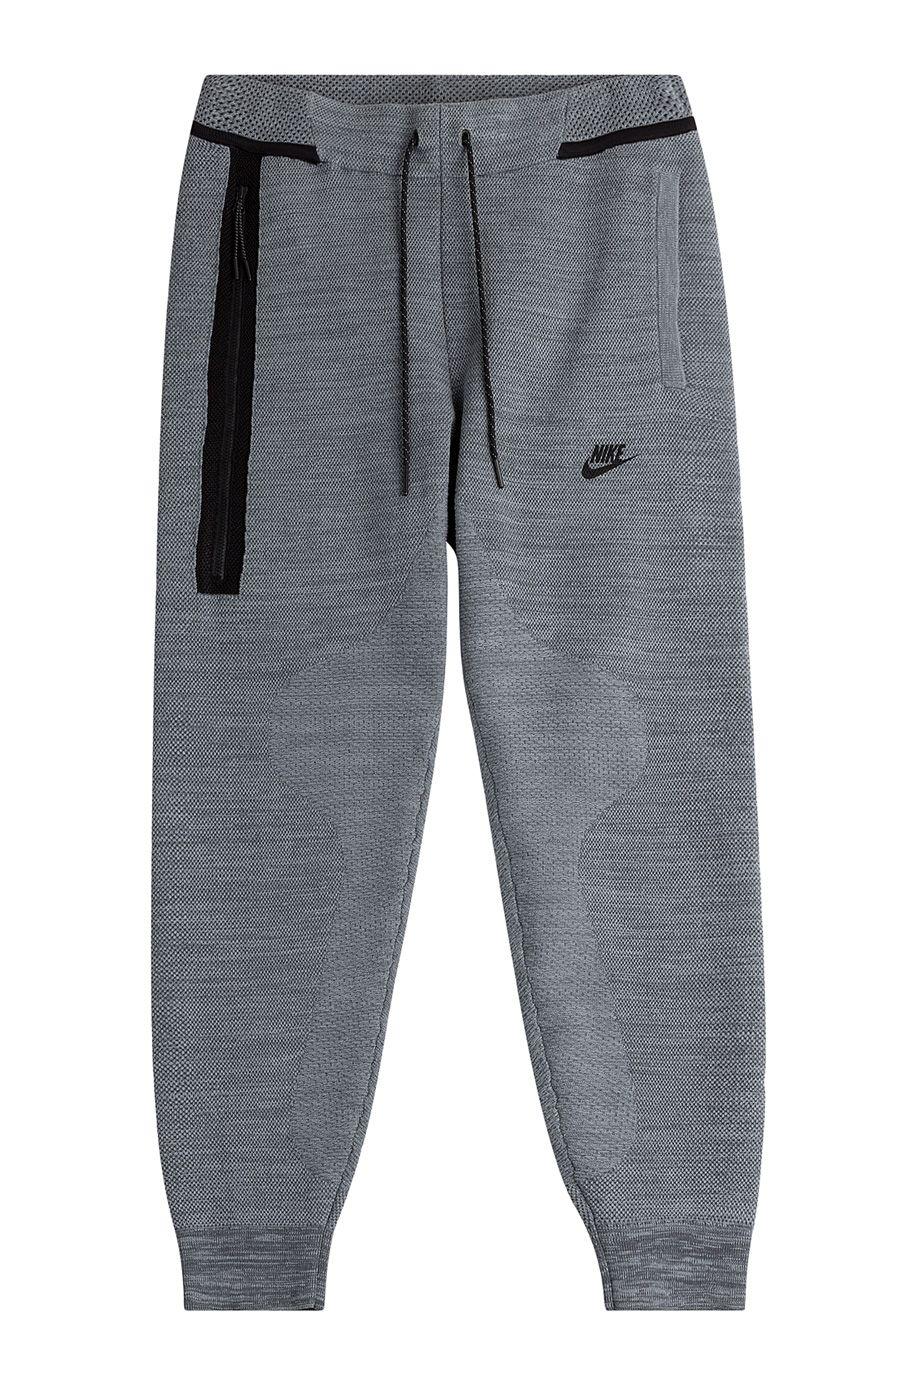 NIKE Cotton Blend Tech Knit Sweatpants.  nike  cloth  trousers ... 3b38c4cde8